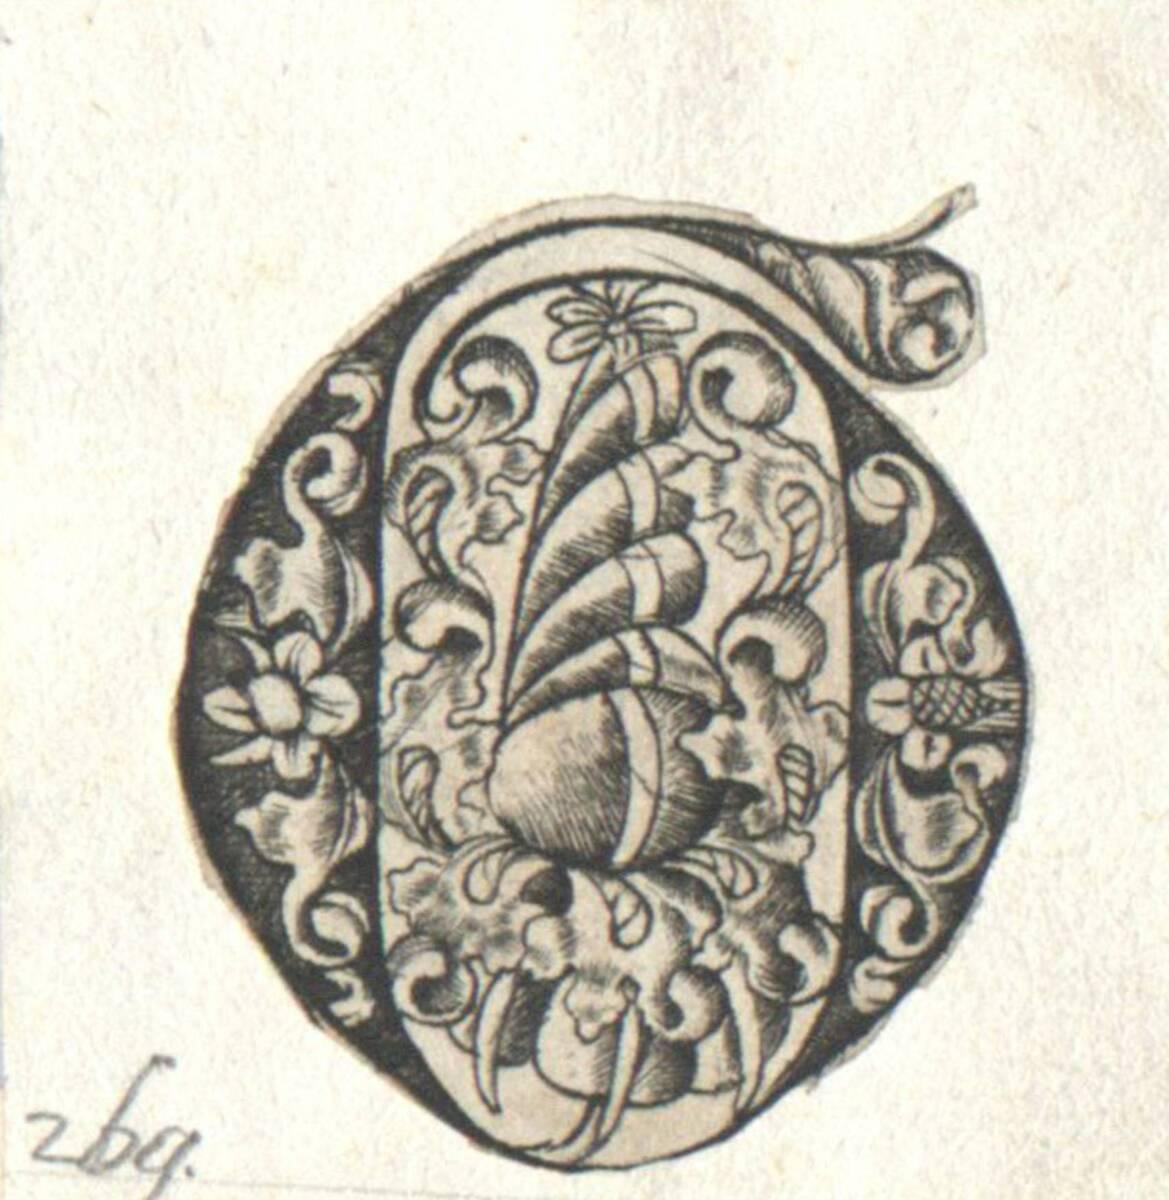 Der Buchstabe G eines gotischen Alphabetes in der Art des I. van Meckenem, c. 1480, ausgeschnitten (vom Bearbeiter vergebener Titel) von Anonym